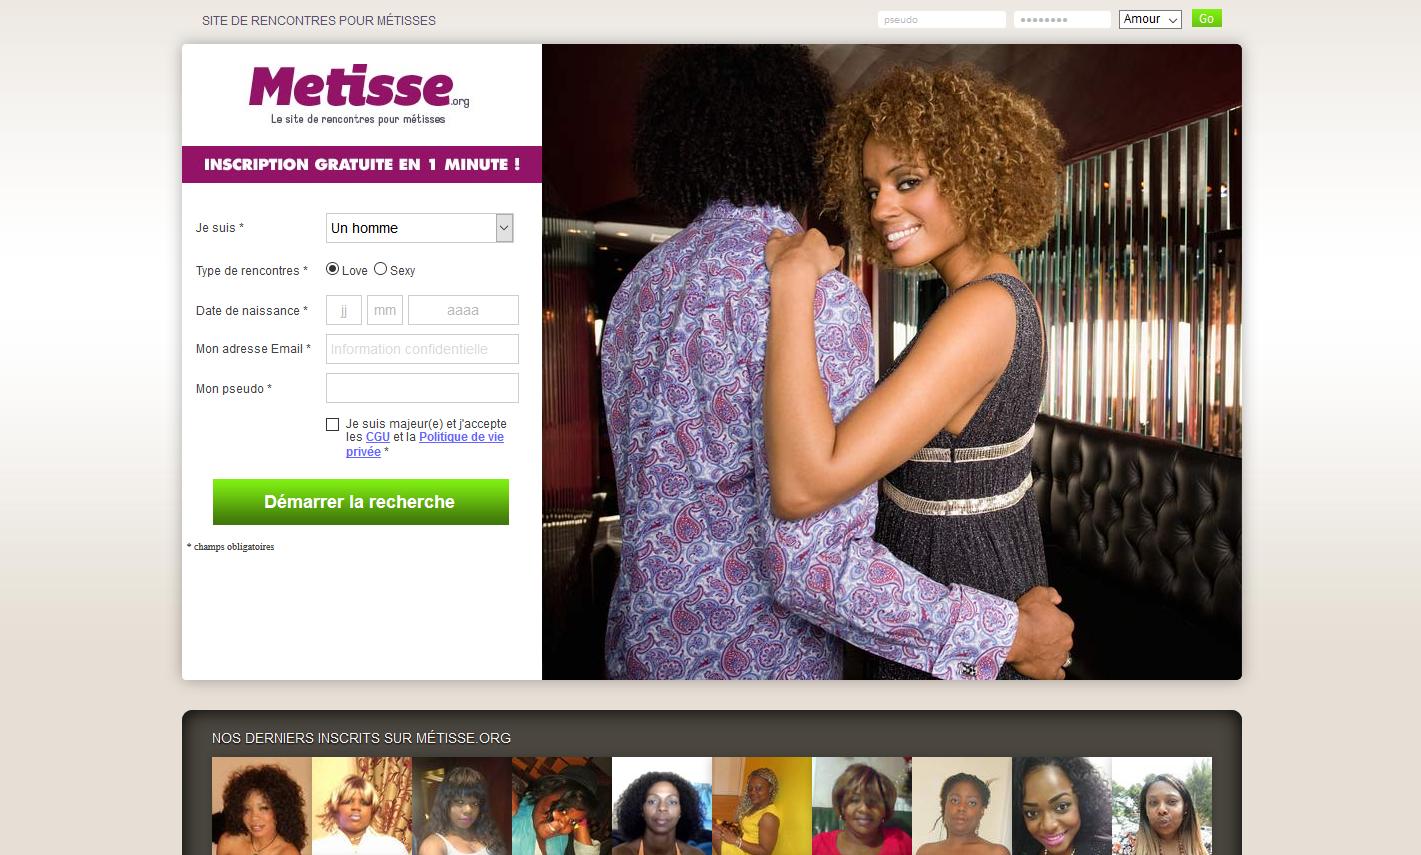 Site de rencontre gratuit femme metisse recevoir